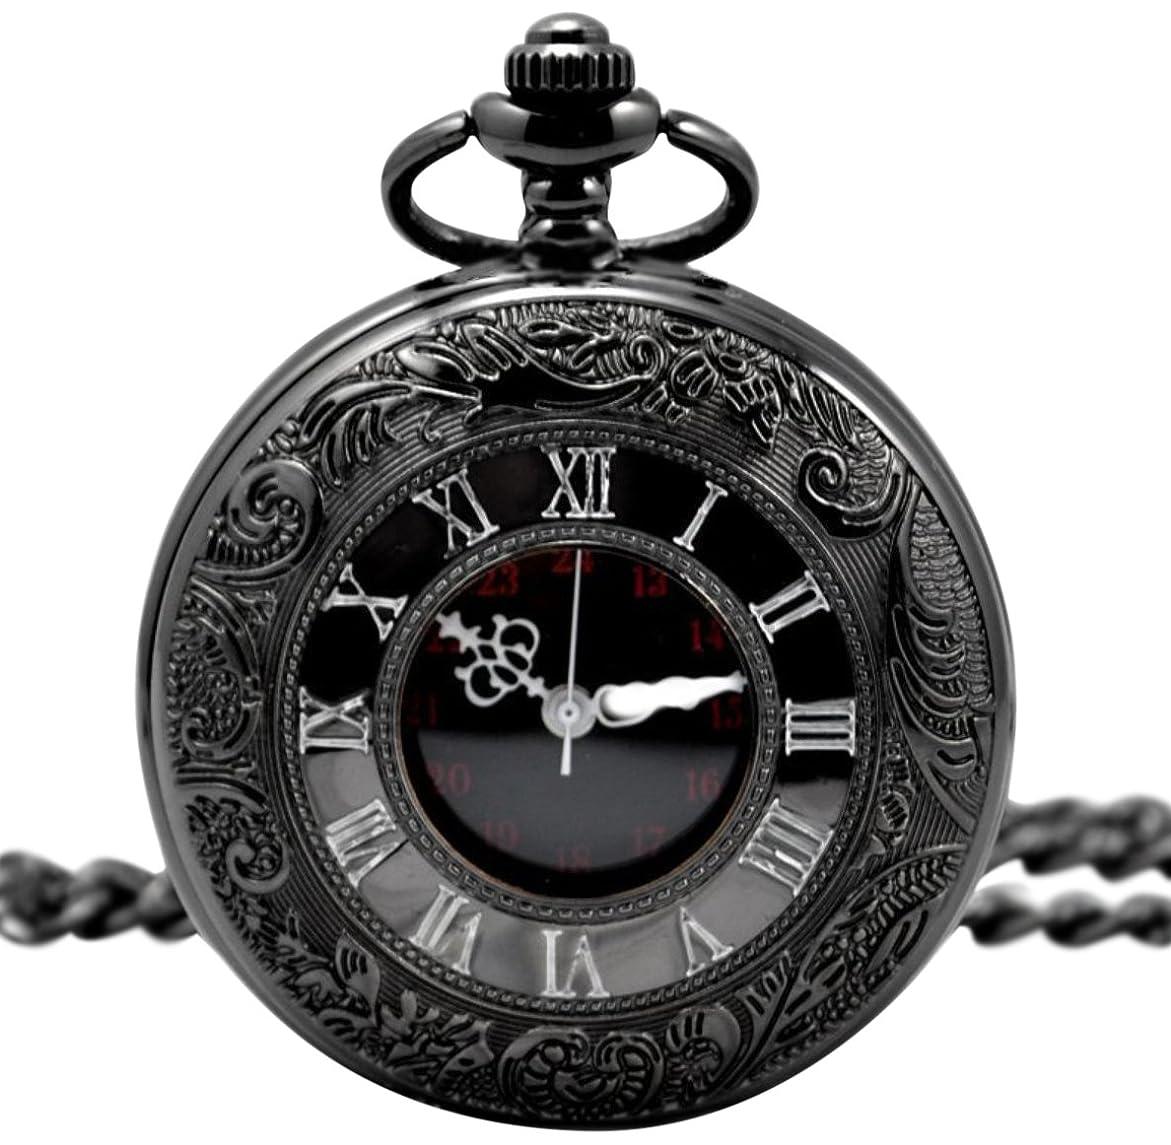 収まる粘液器官時計 カラビナ付き ポケットウォッチ 懐中時計 SCP37